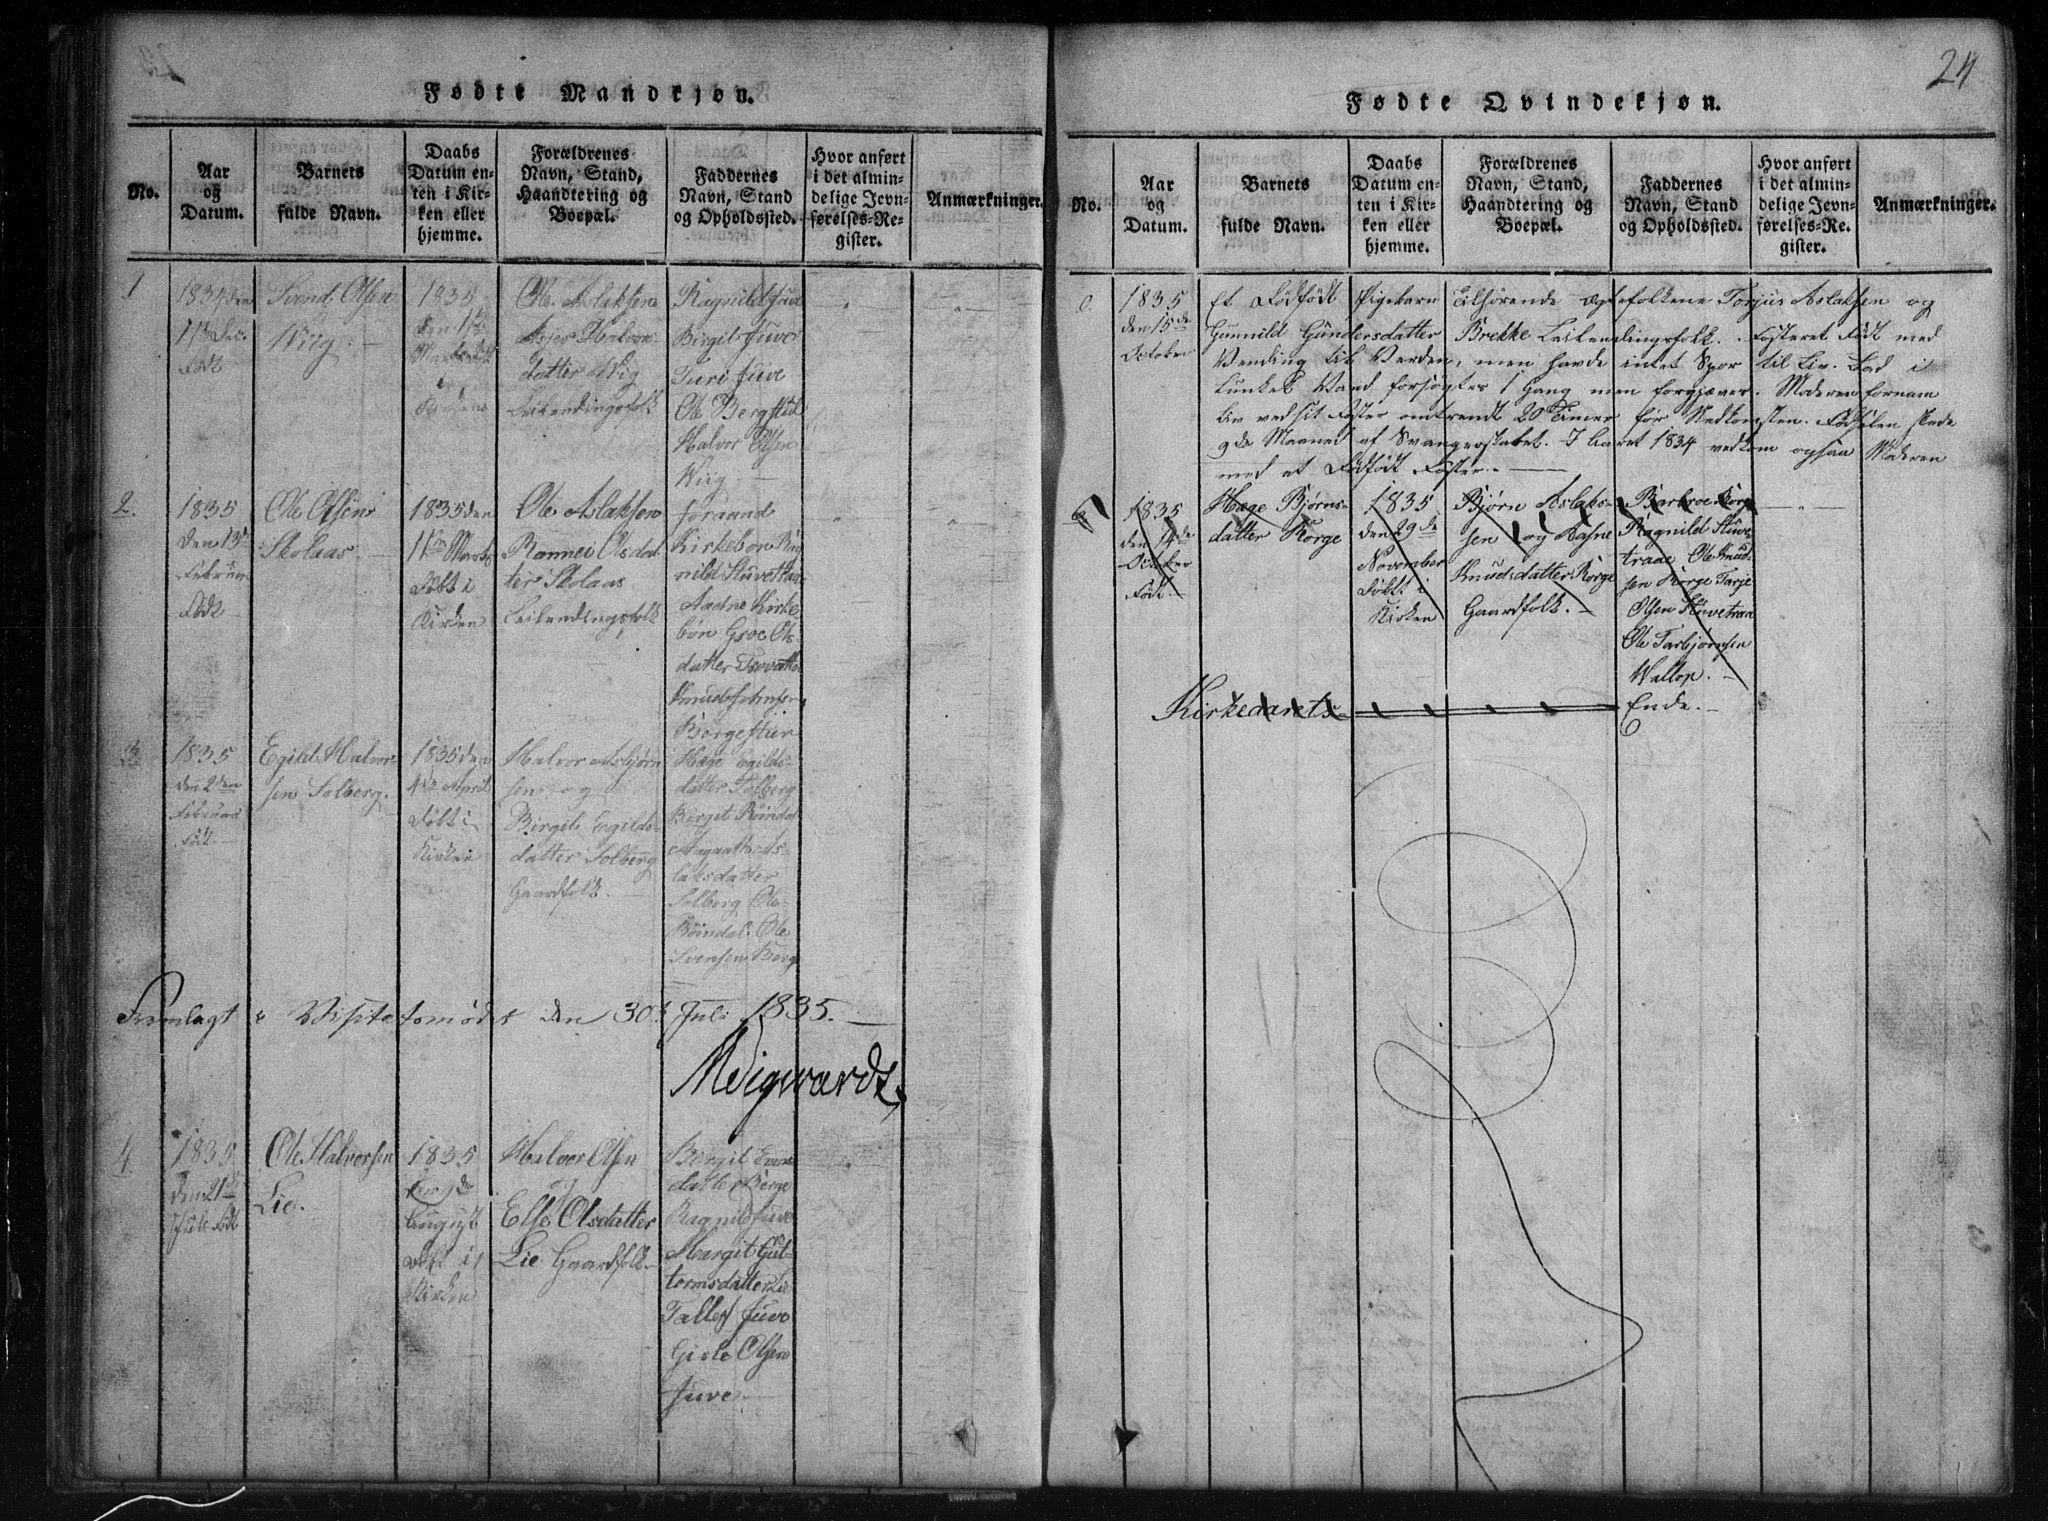 SAKO, Rauland kirkebøker, G/Gb/L0001: Klokkerbok nr. II 1, 1815-1886, s. 24